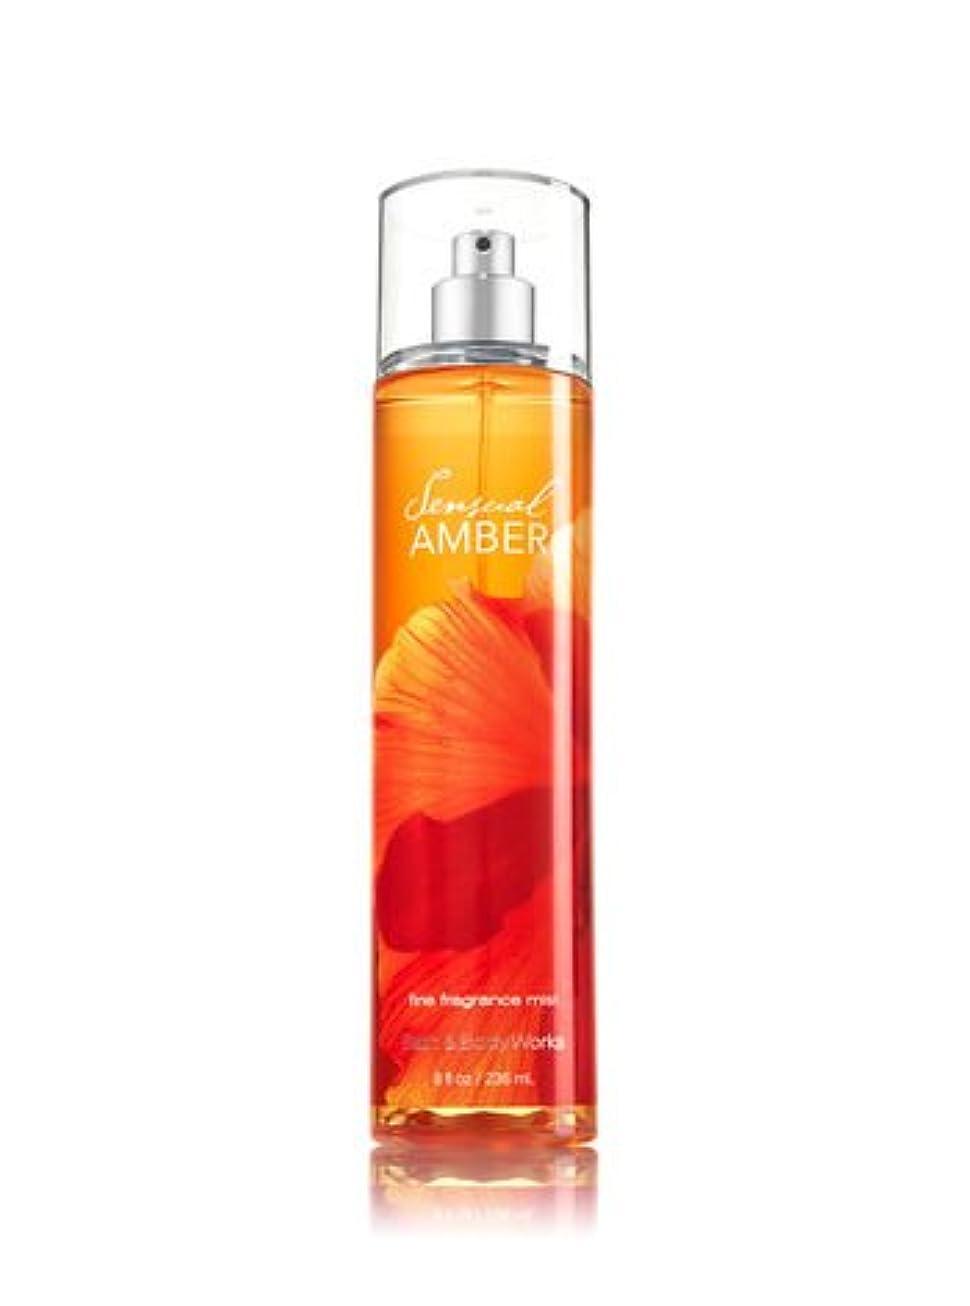 検証出します主張バス&ボディワークス センシュアルアンバー ファイン フレグランスミスト Sensual Amber Fine Fragrance Mist [並行輸入品]